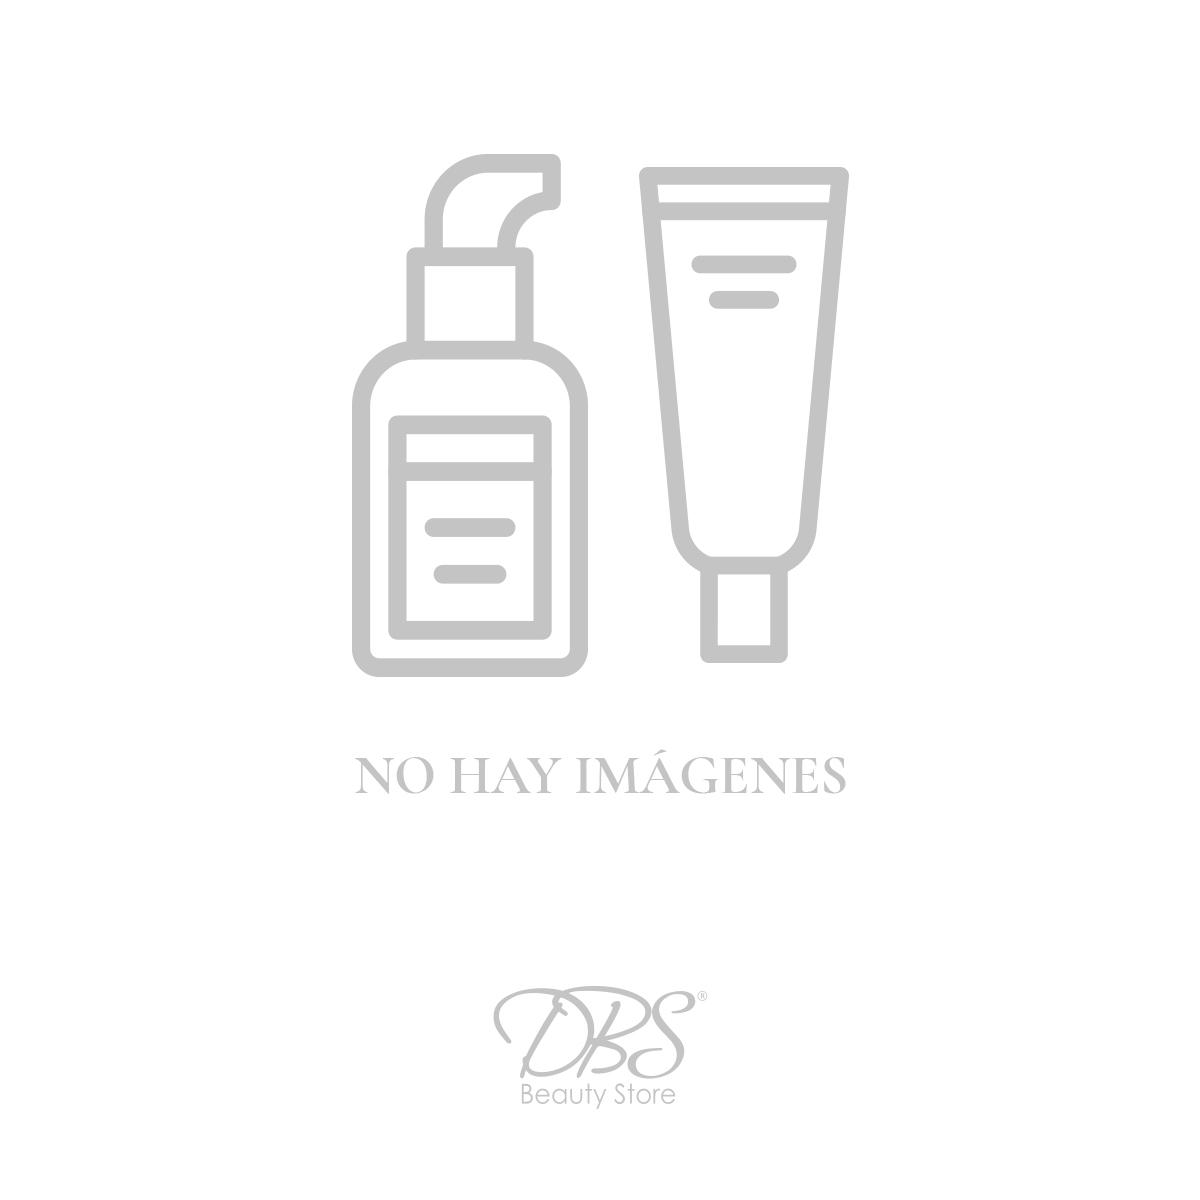 dbs-cosmetics-DBS-OS3374-MP.jpg